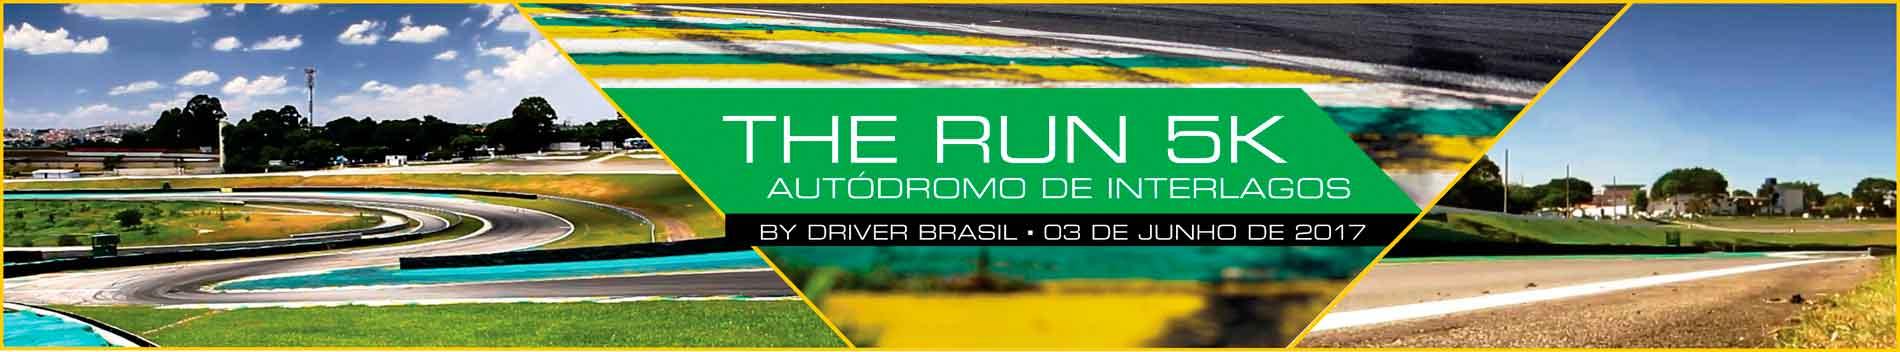 THE RUN 5K - AUTÓDROMO DE INTERLAGOS - Imagem de topo